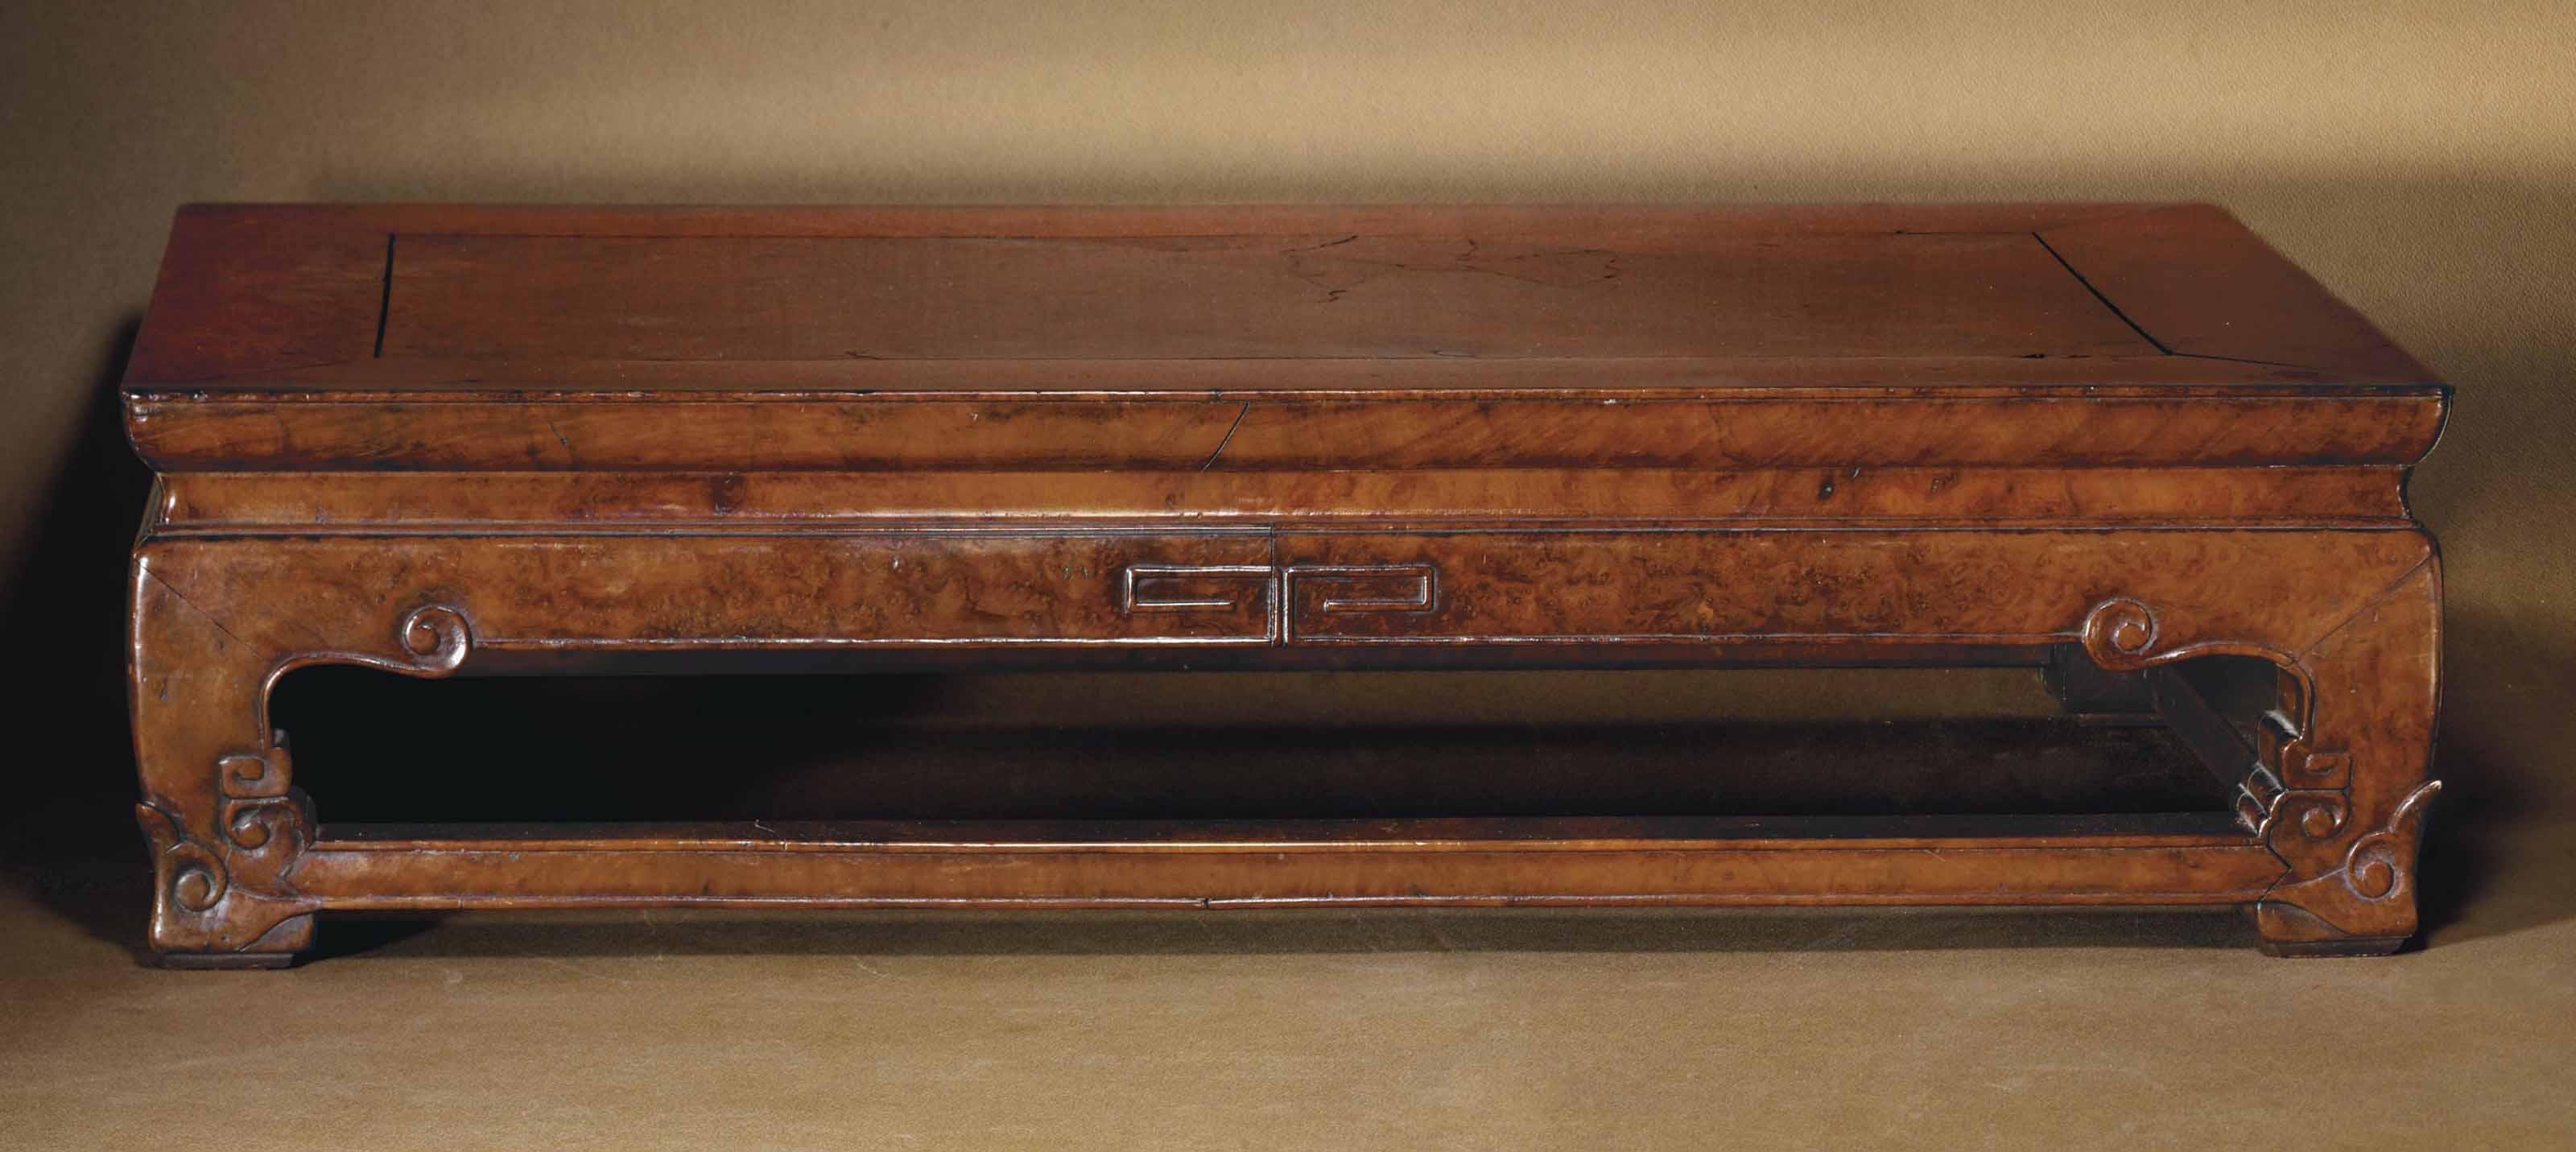 A BURL-VENEERED KANG TABLE